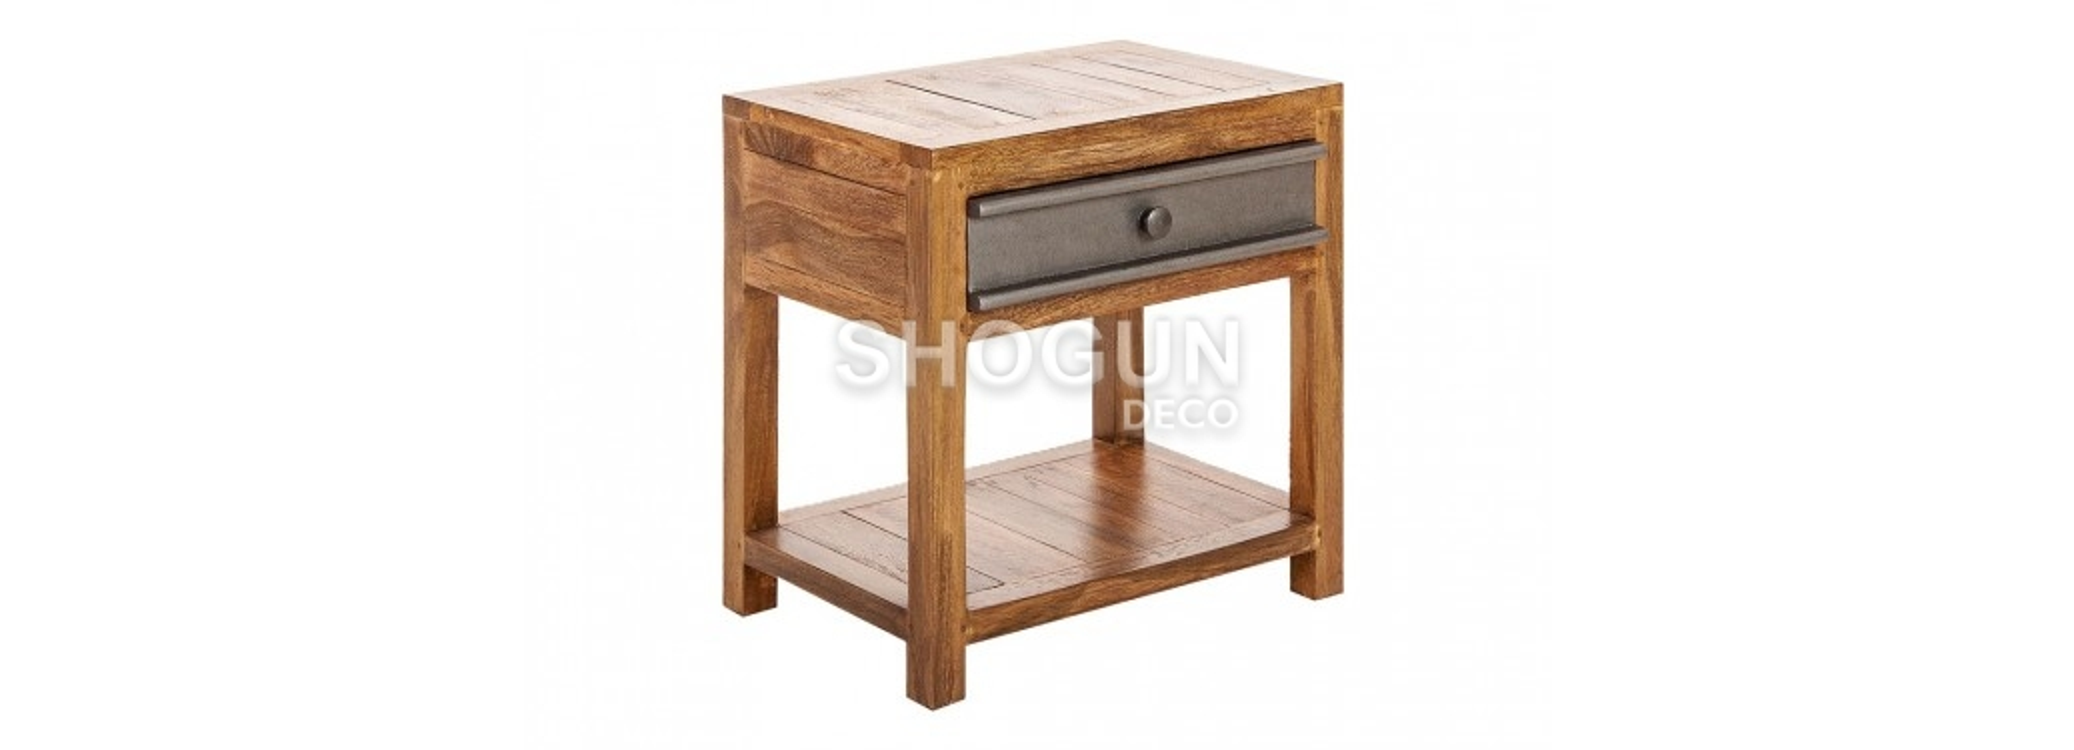 Bedside industrial Profile - 1 drawer